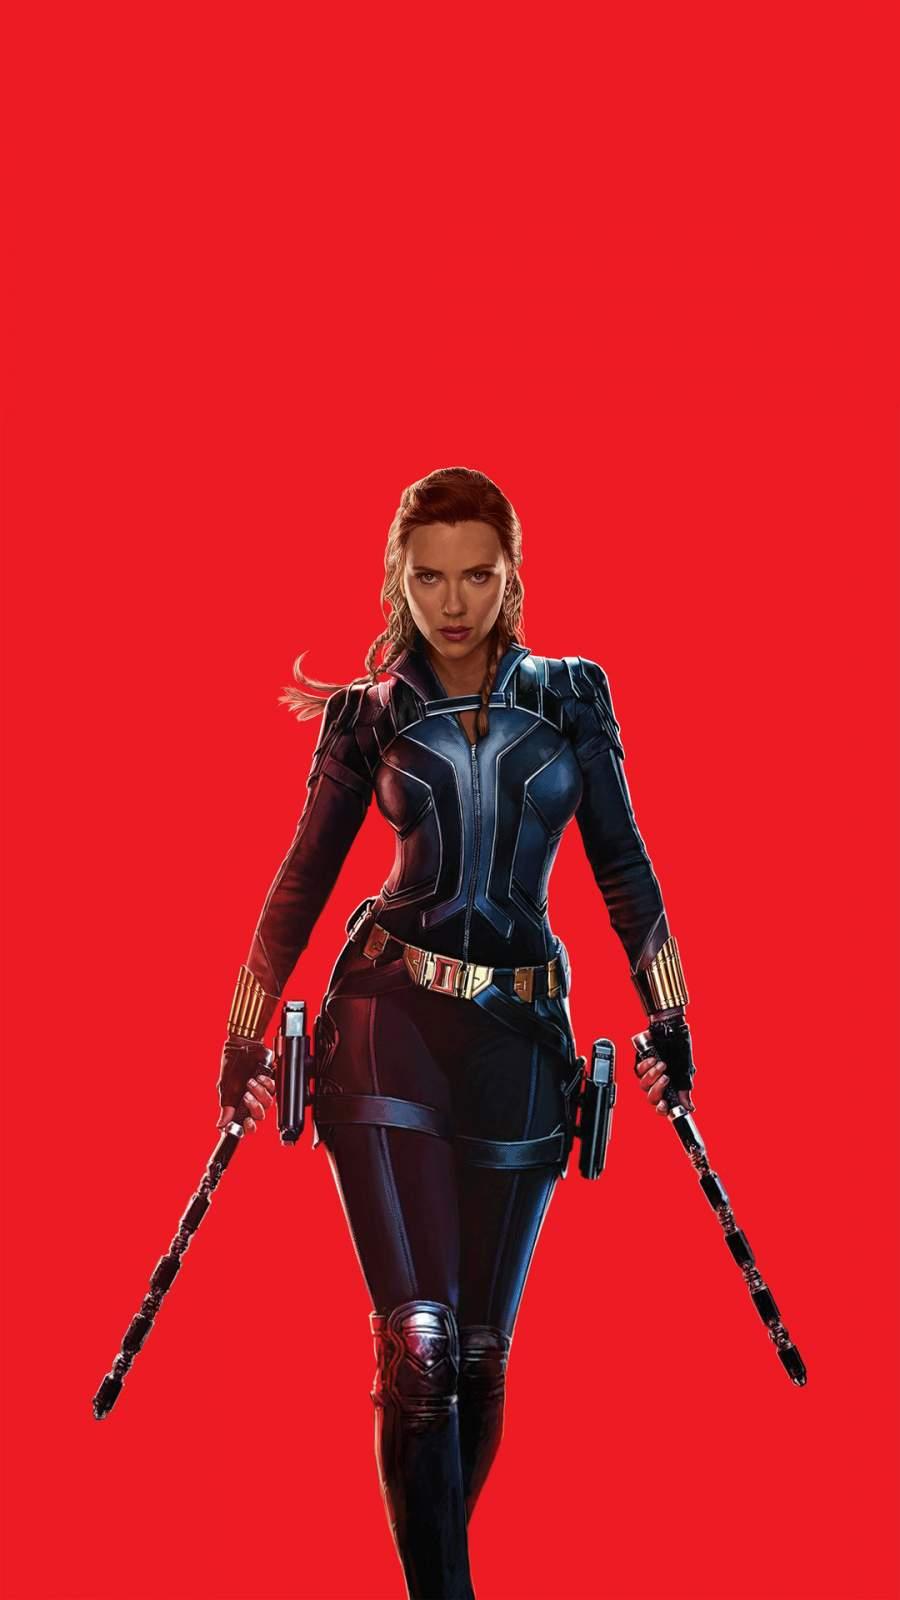 Black Widow iPhone Wallpaper